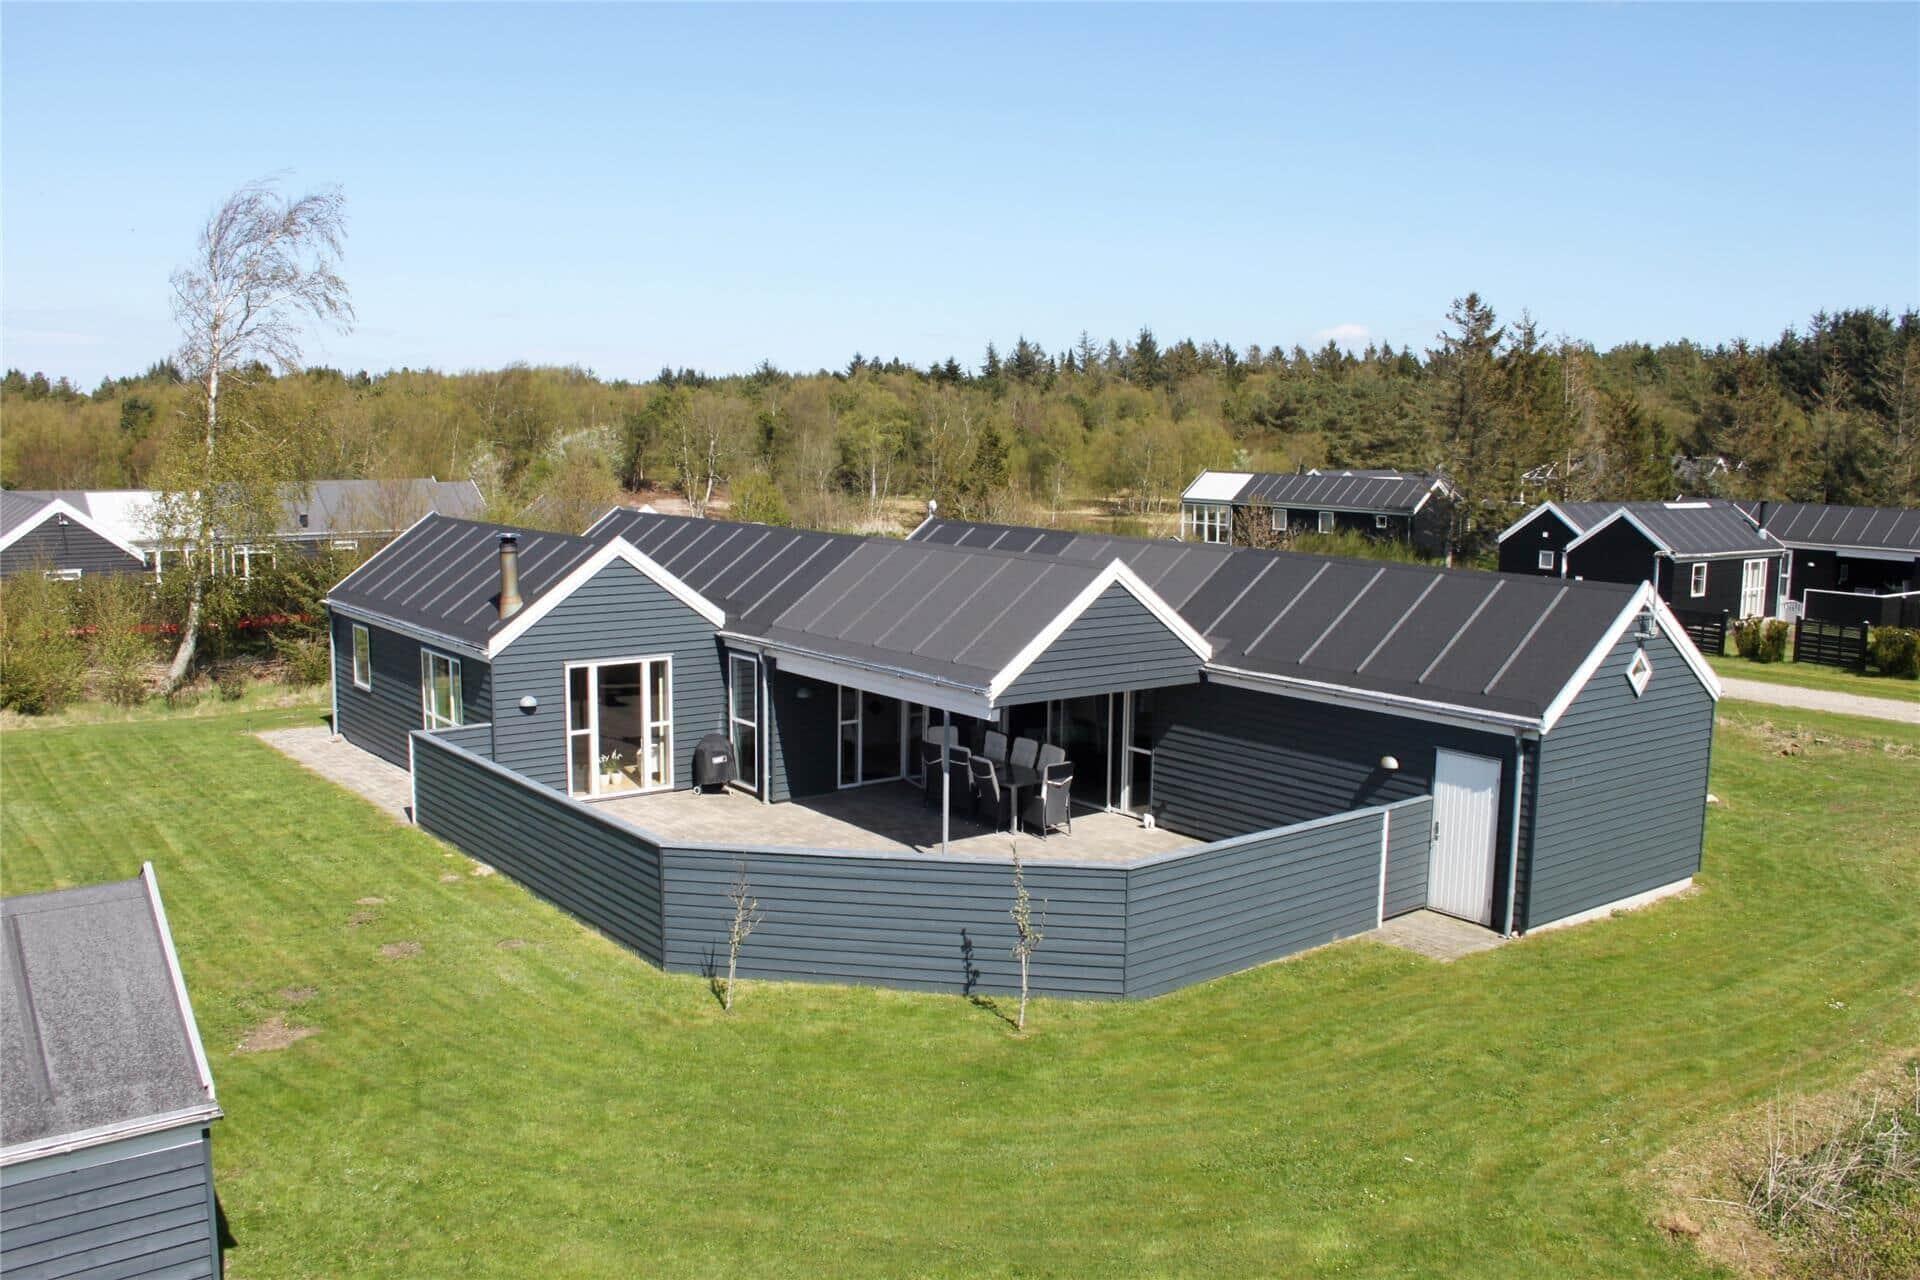 Afbeelding 1-3 Vakantiehuis L16129, Losvej 5, DK - 9640 Farsø